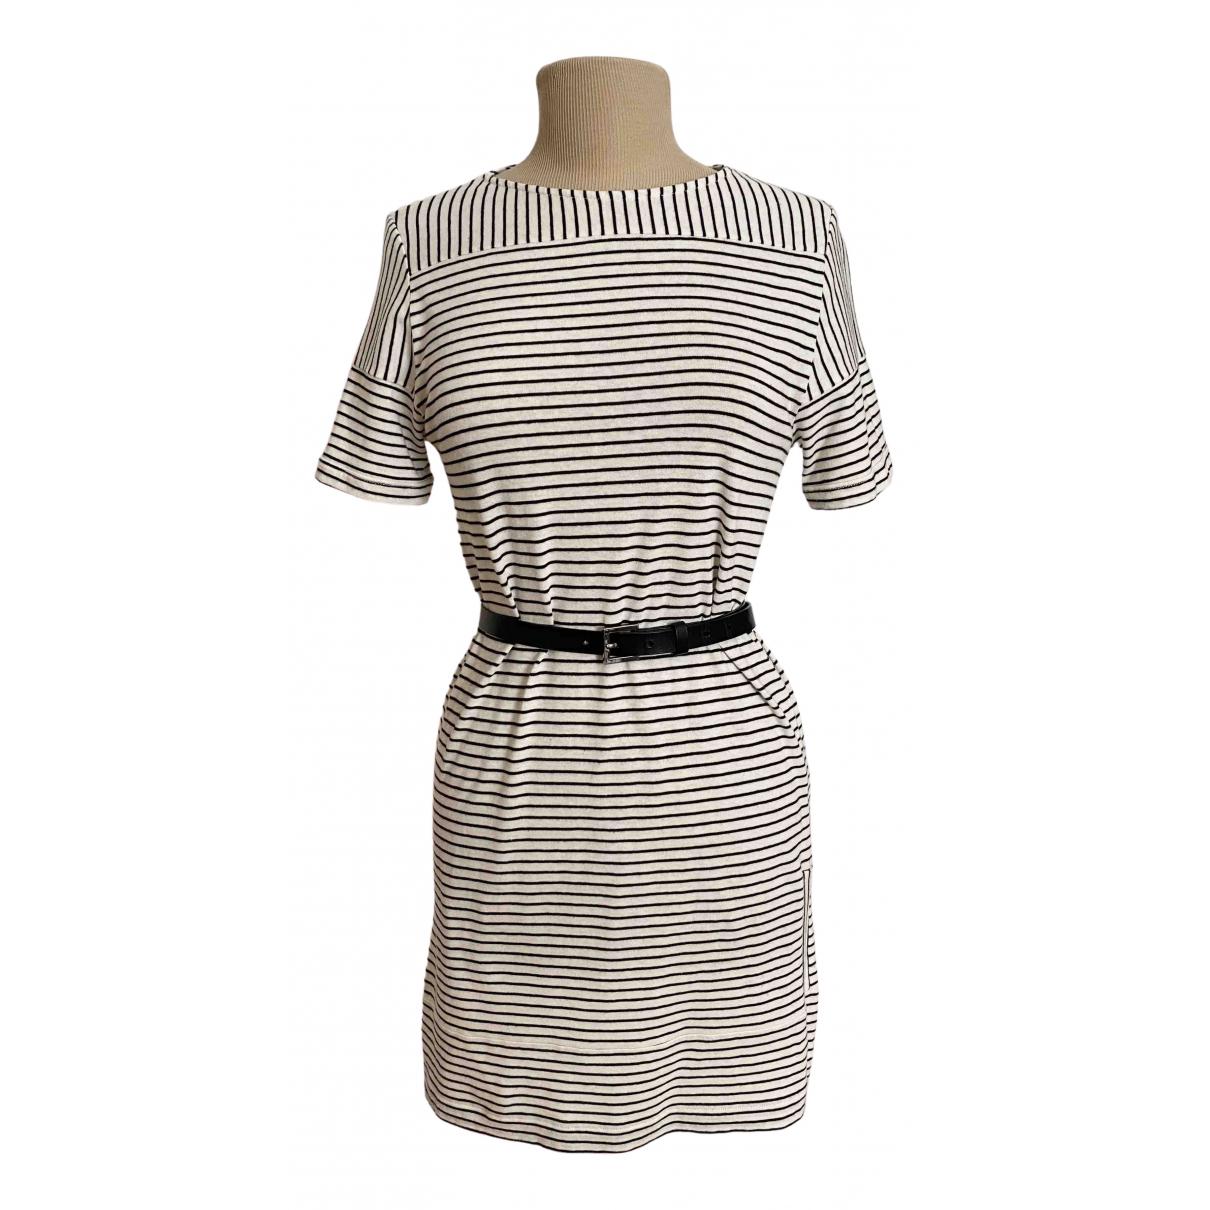 Apc \N Kleid in Baumwolle